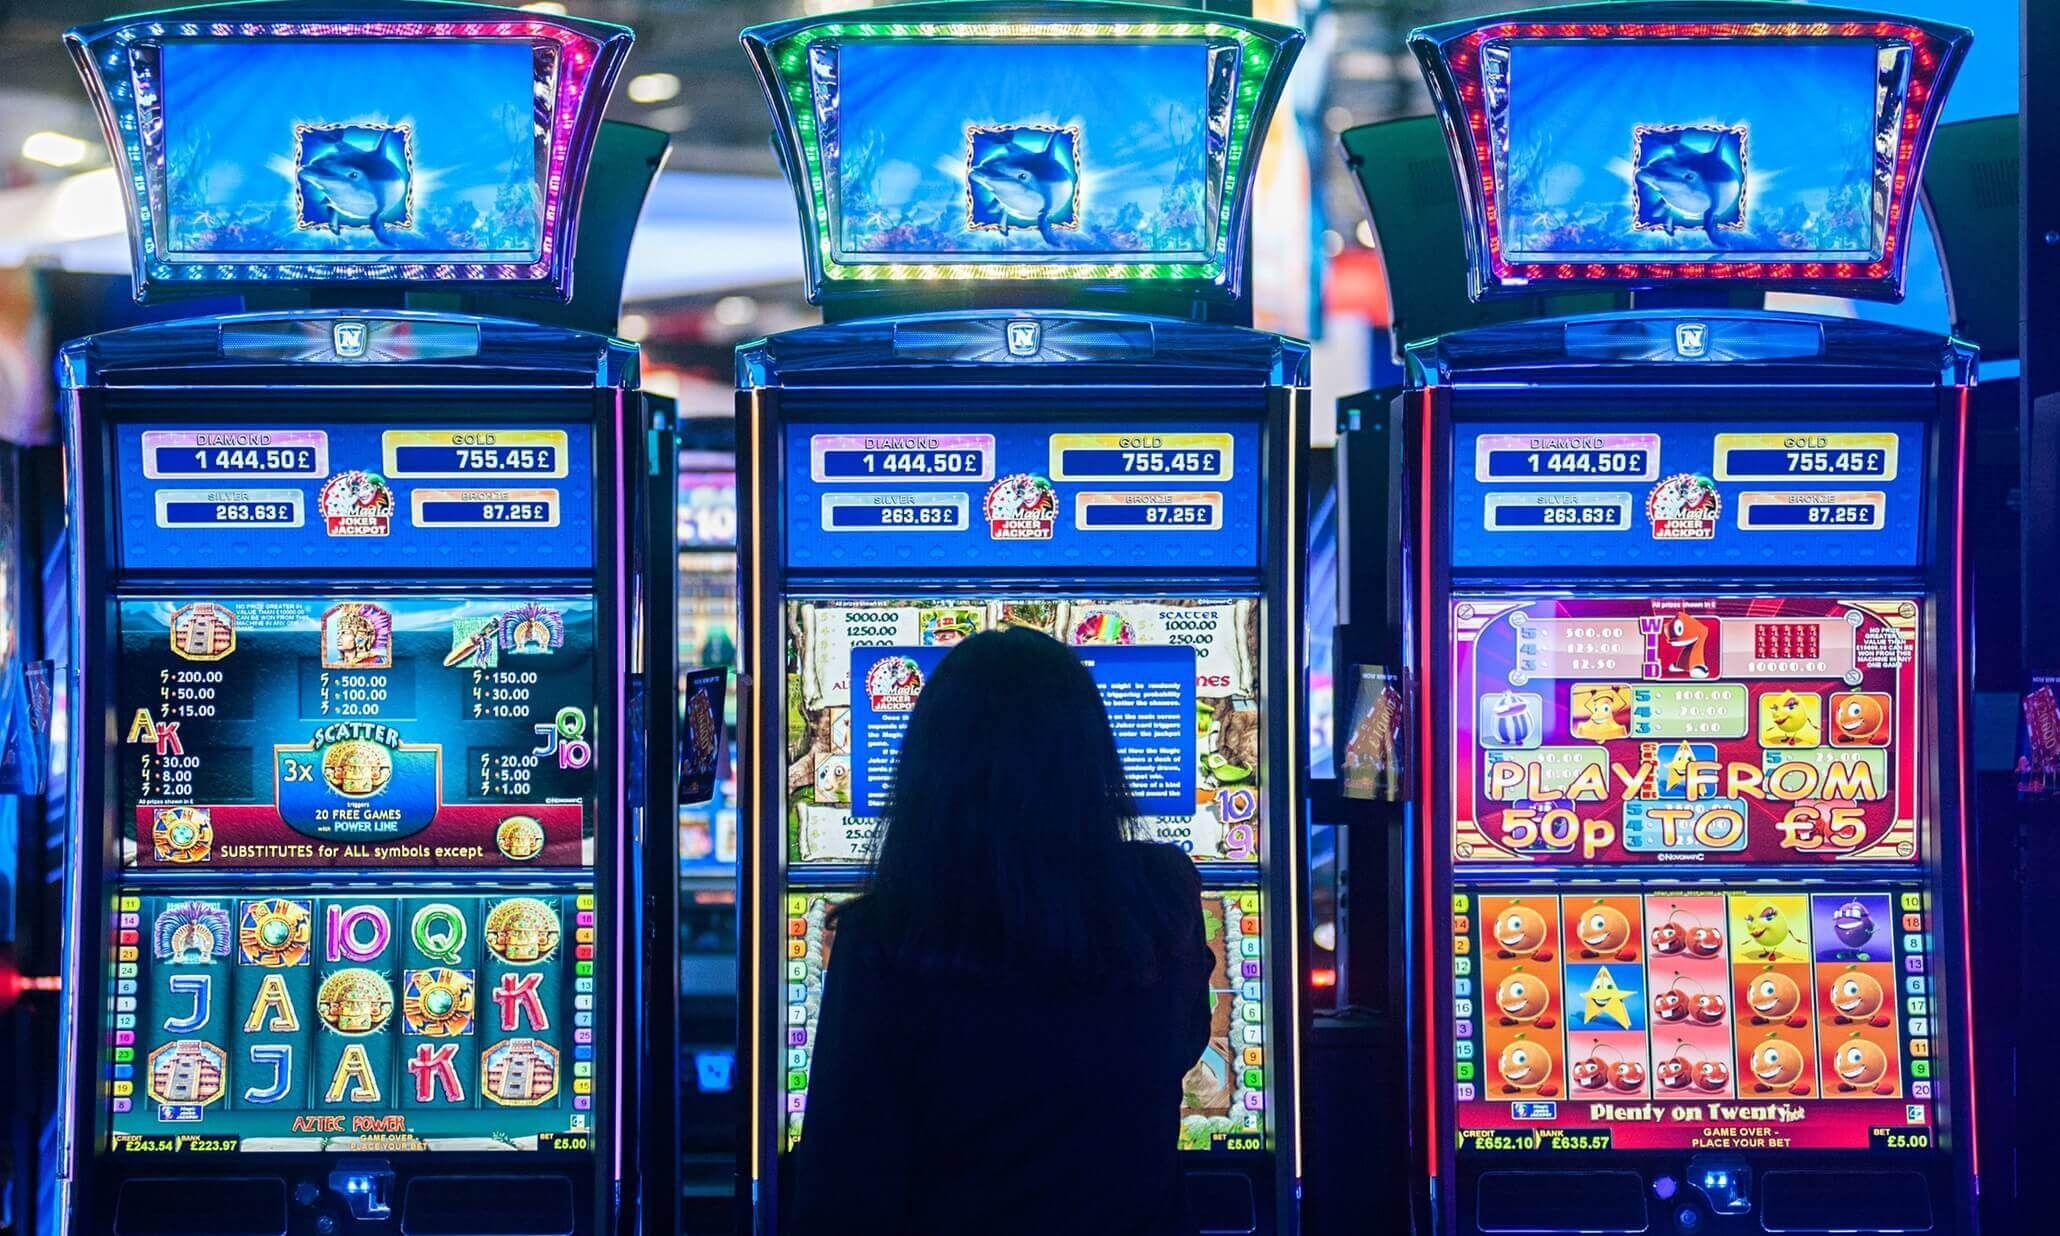 Скачать эмуляторы игровые автоматы бесплатно без смс игры в карты как играть козел онлайн